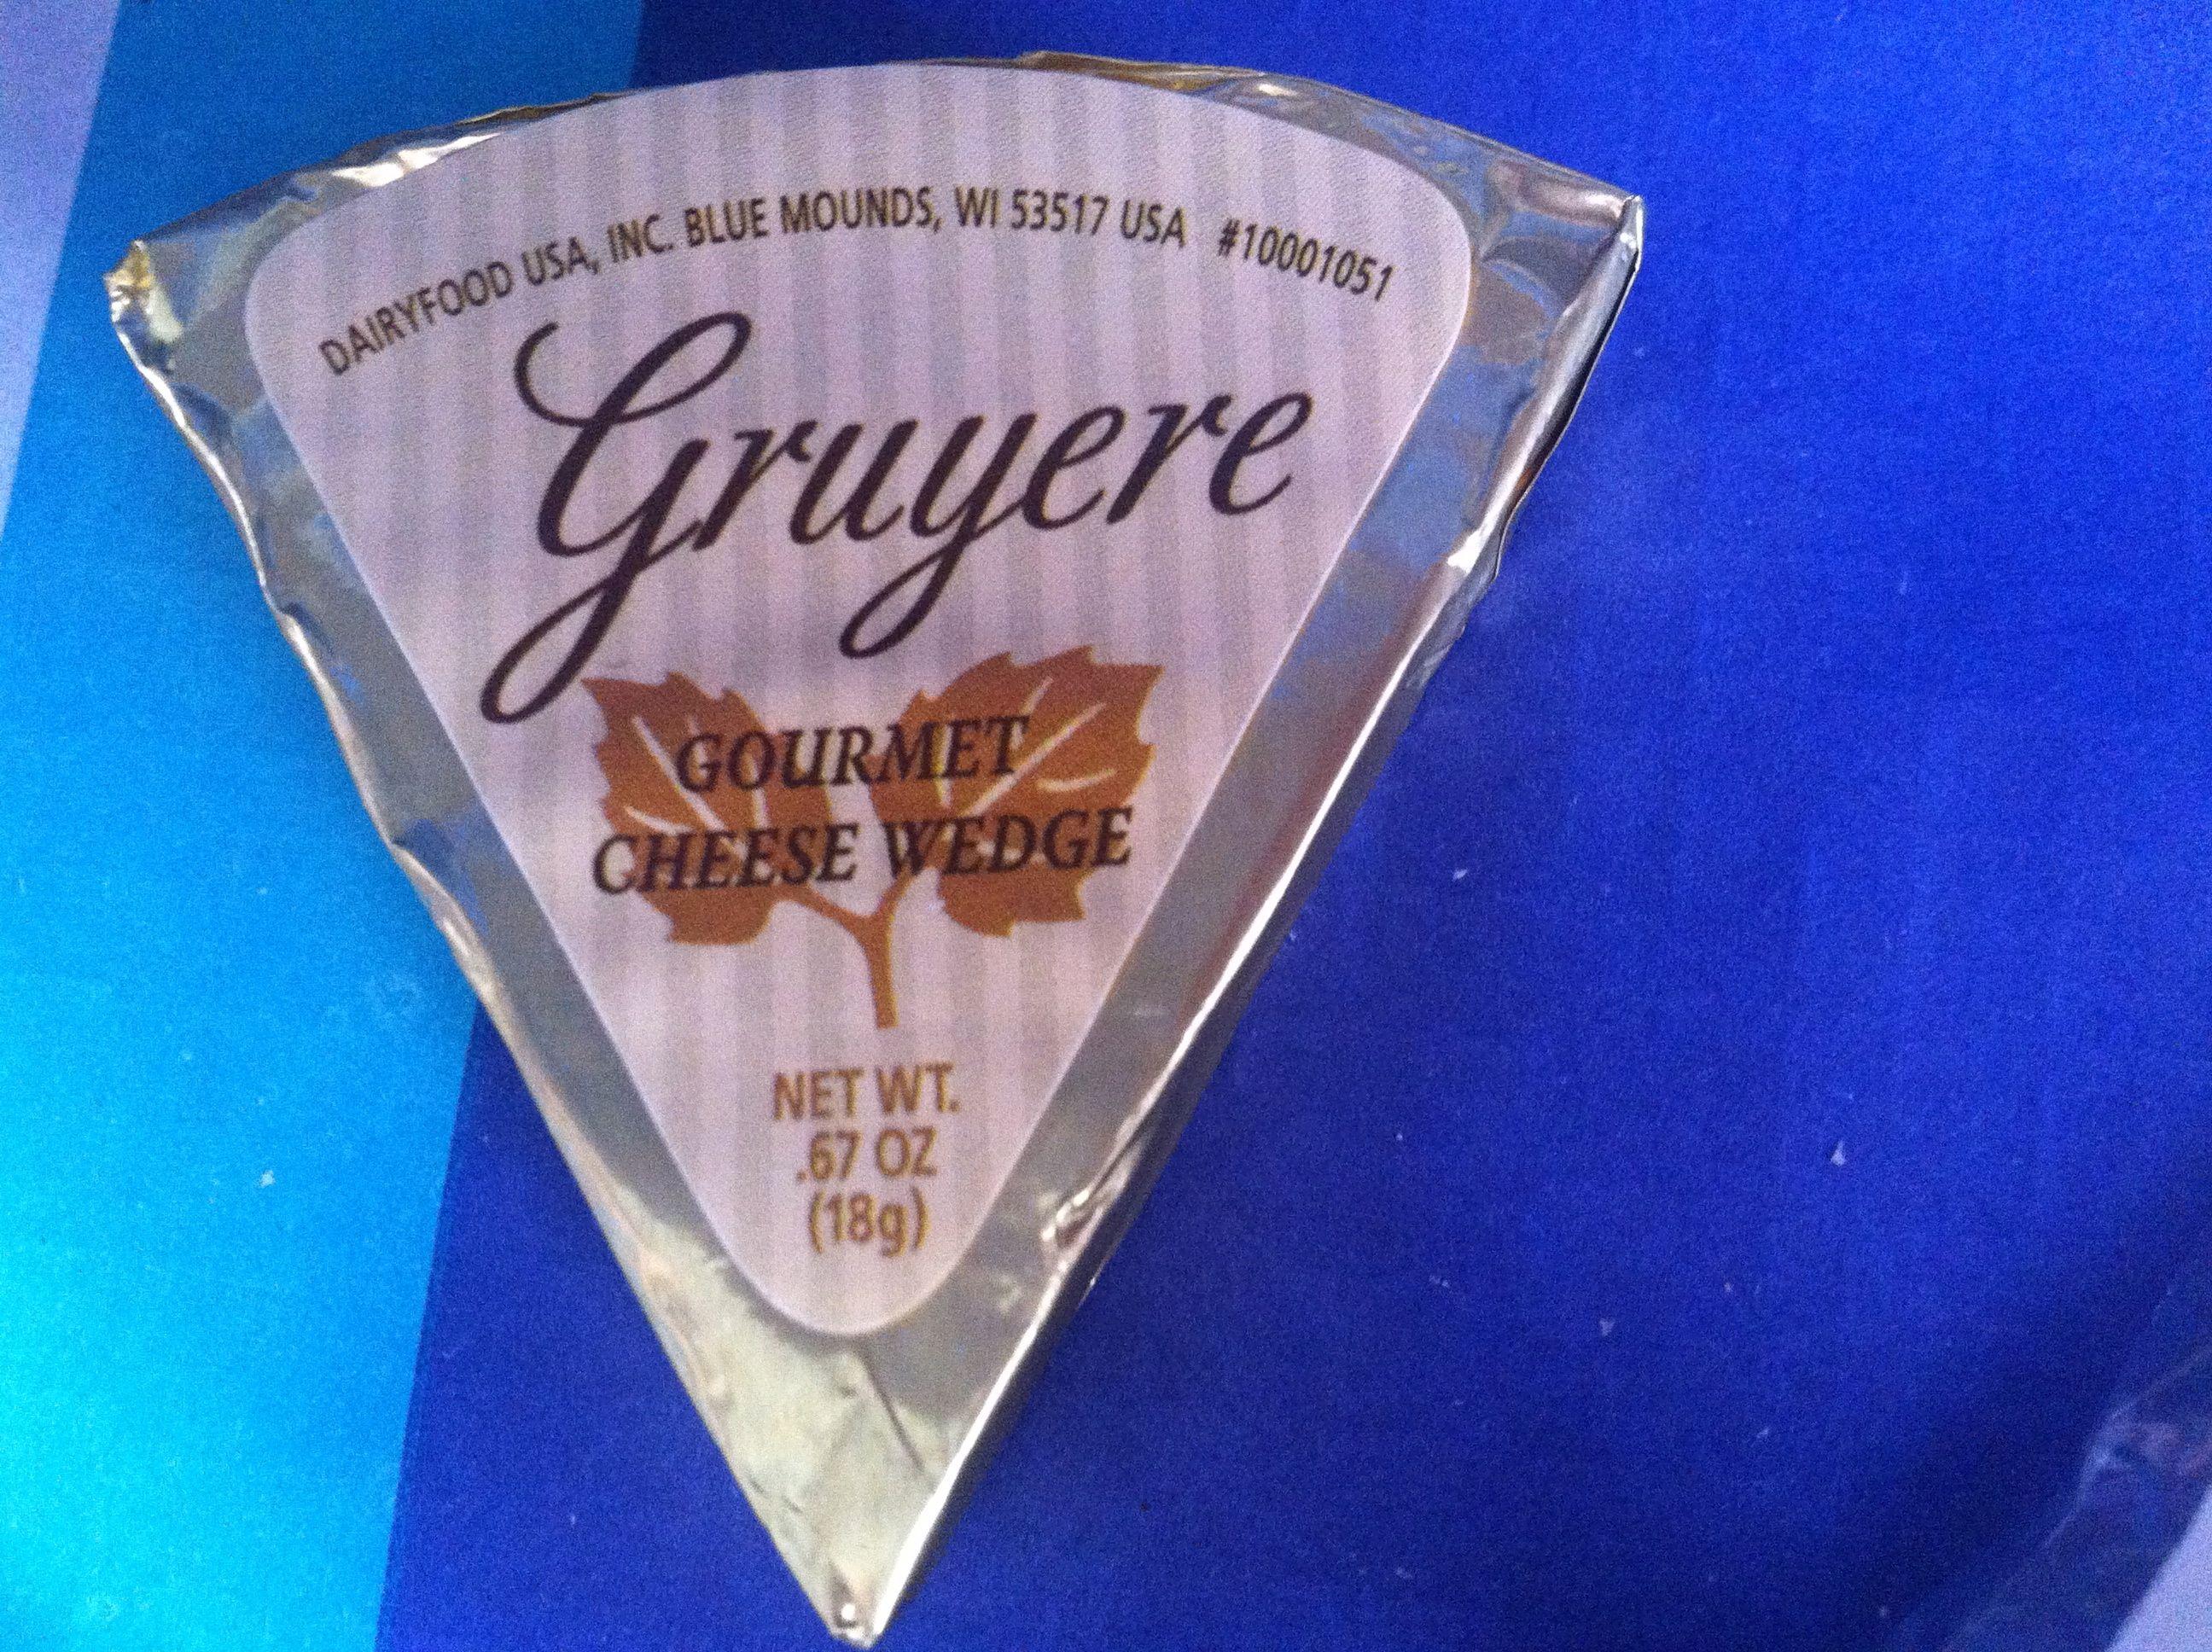 Wo Gruyere draufsteht...